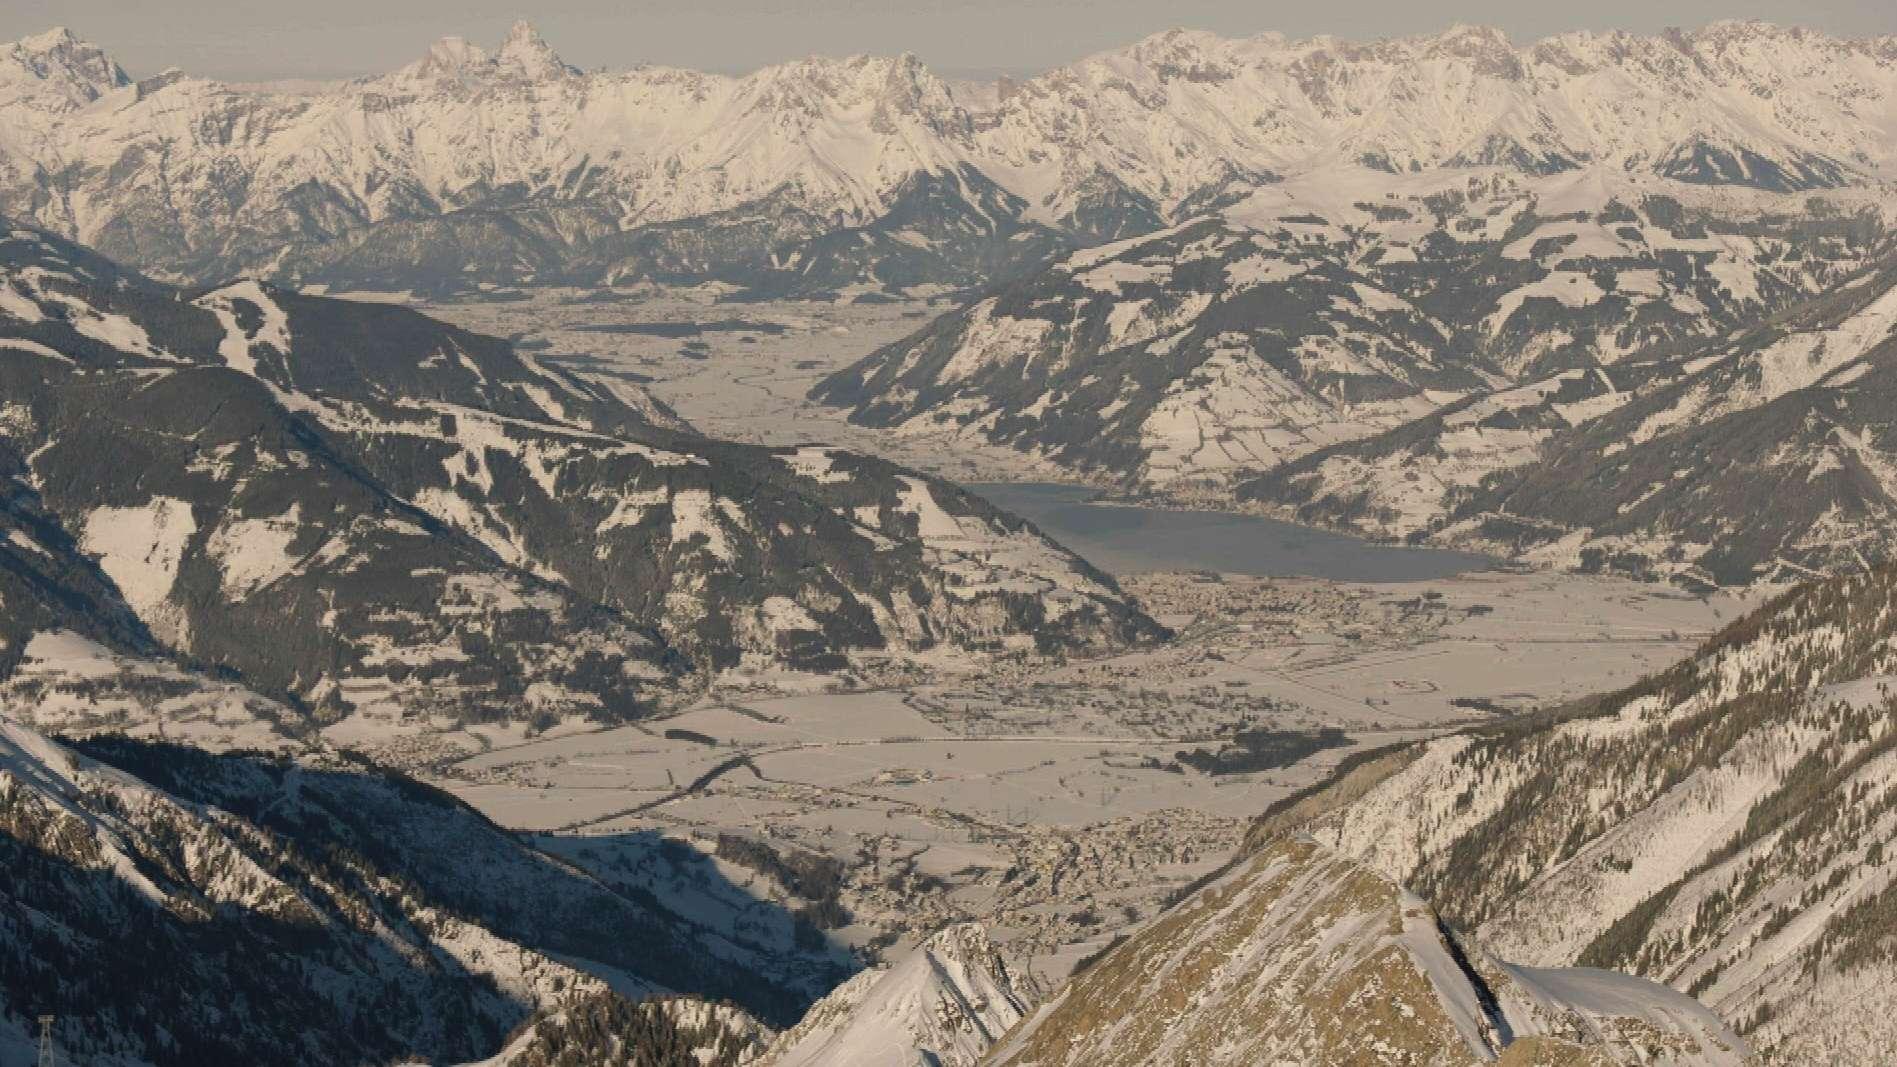 Panorama vom Kitzsteinhorn im österreichischen Bundesland Salzburg.